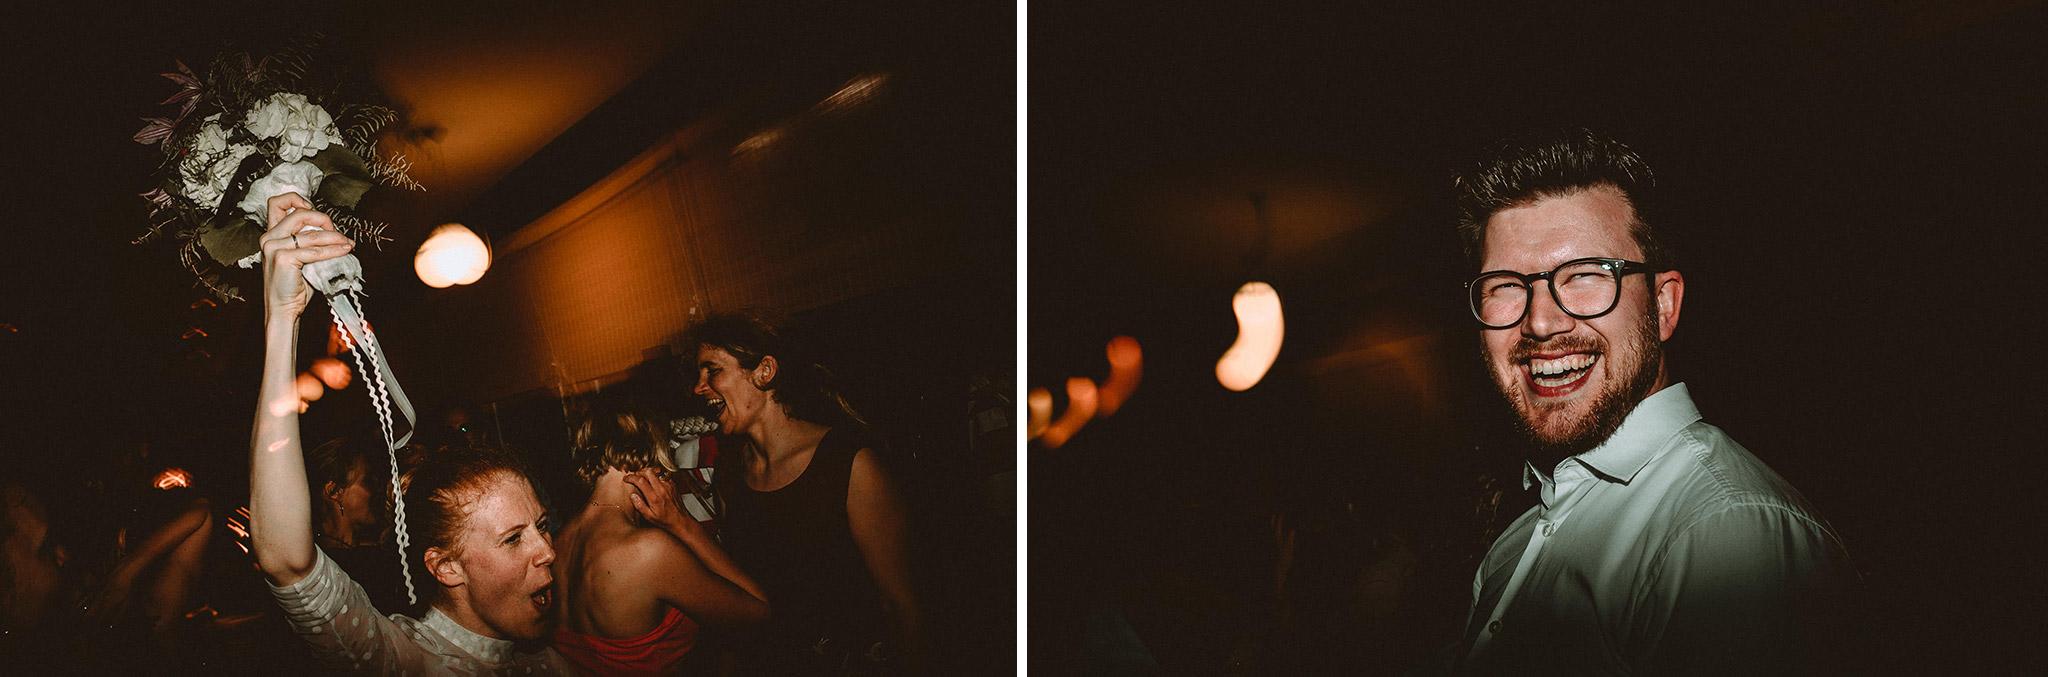 Amrum_Sylt_Hochzeit